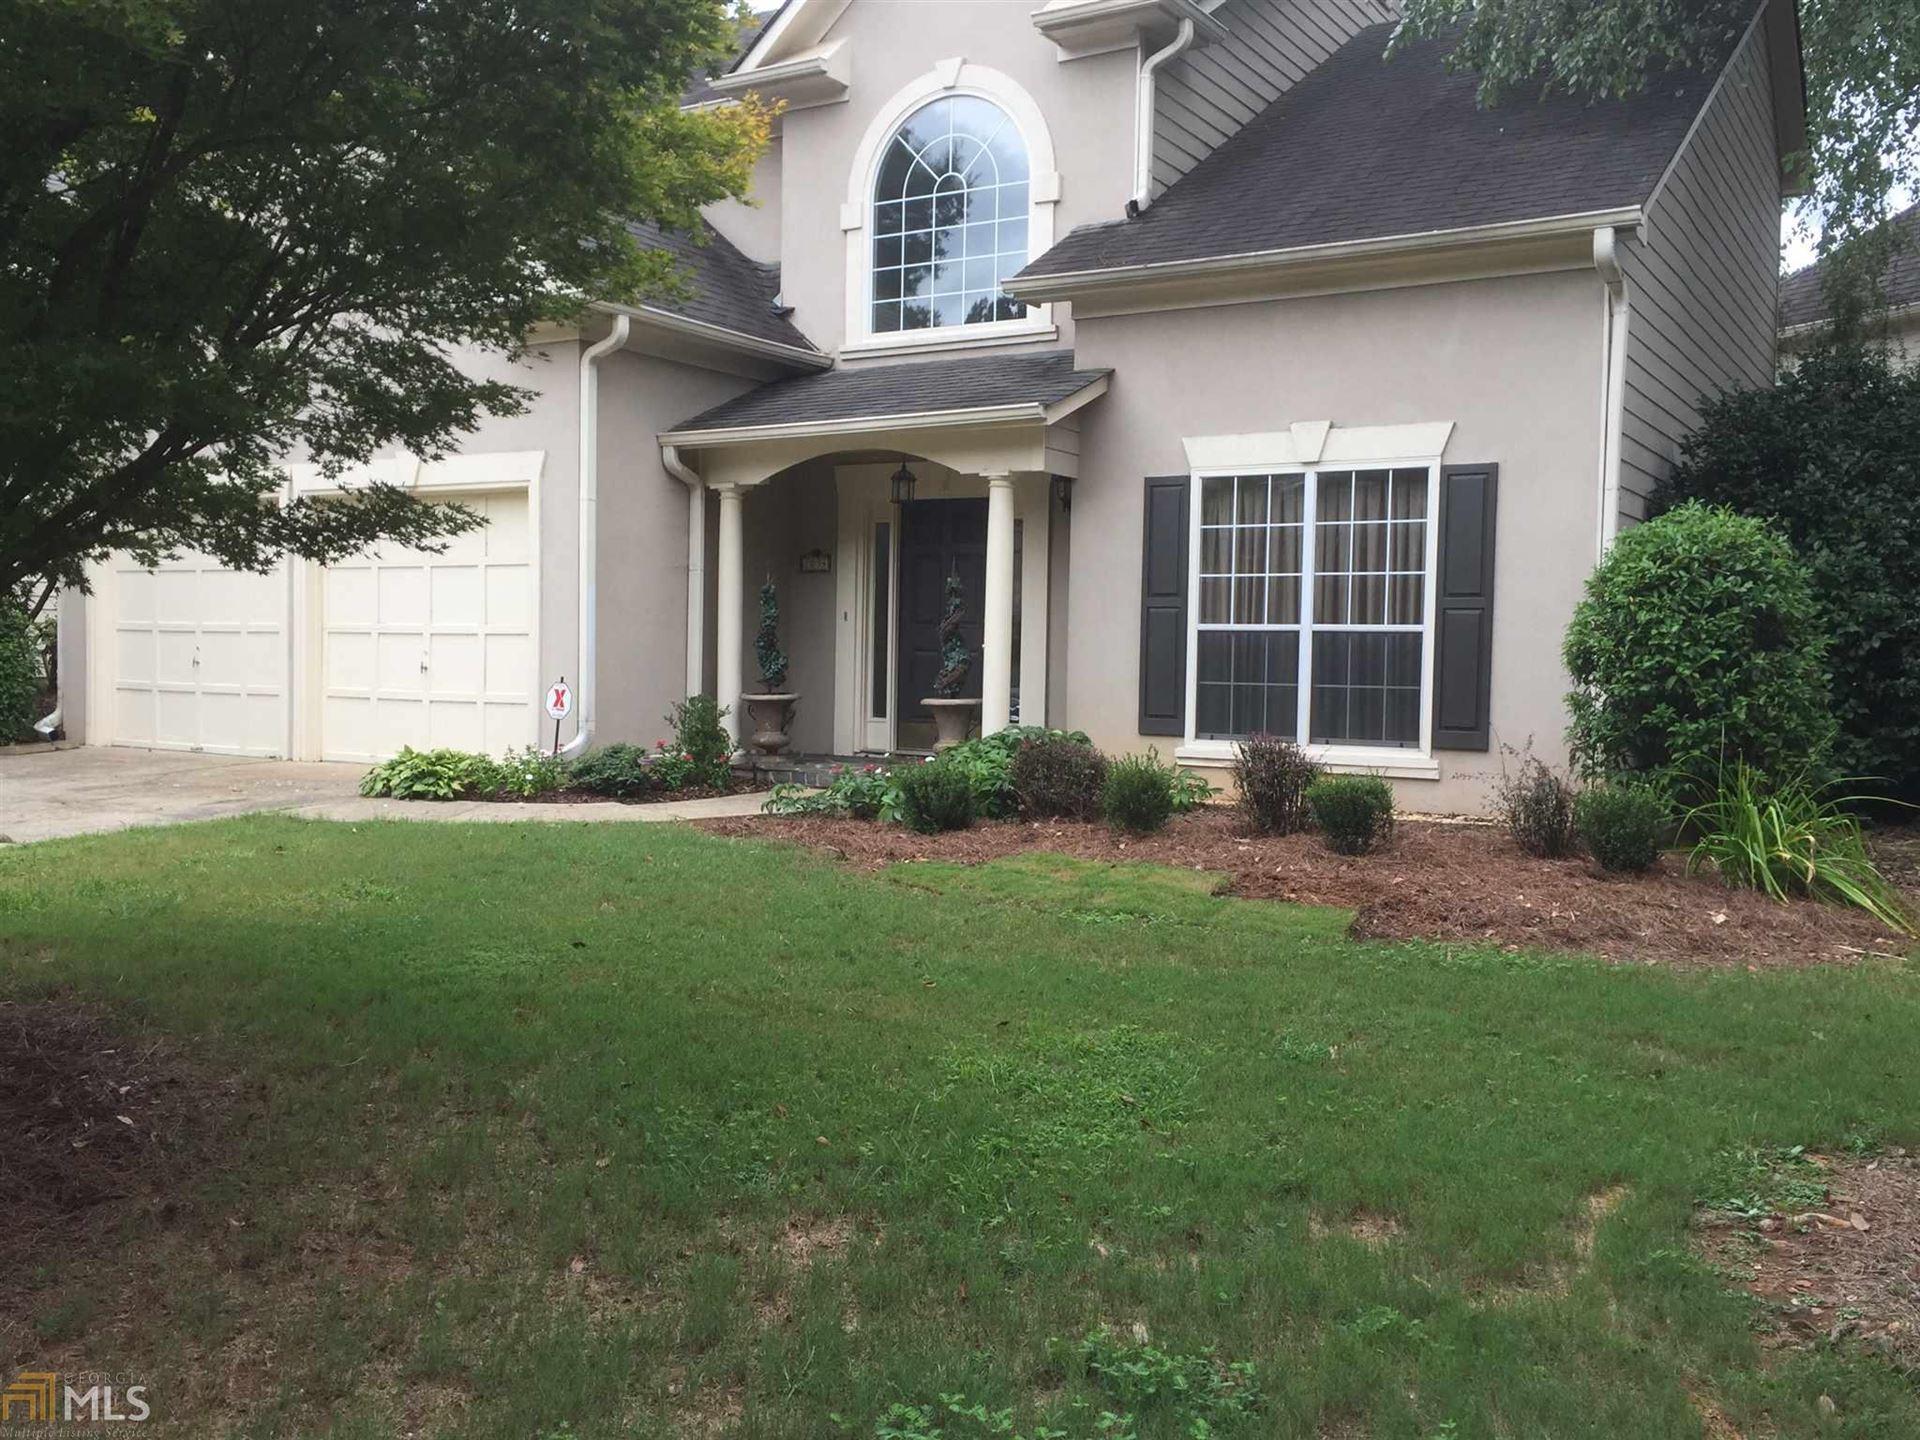 2034 Chelton Way, Smyrna, GA 30080 - MLS#: 8848320